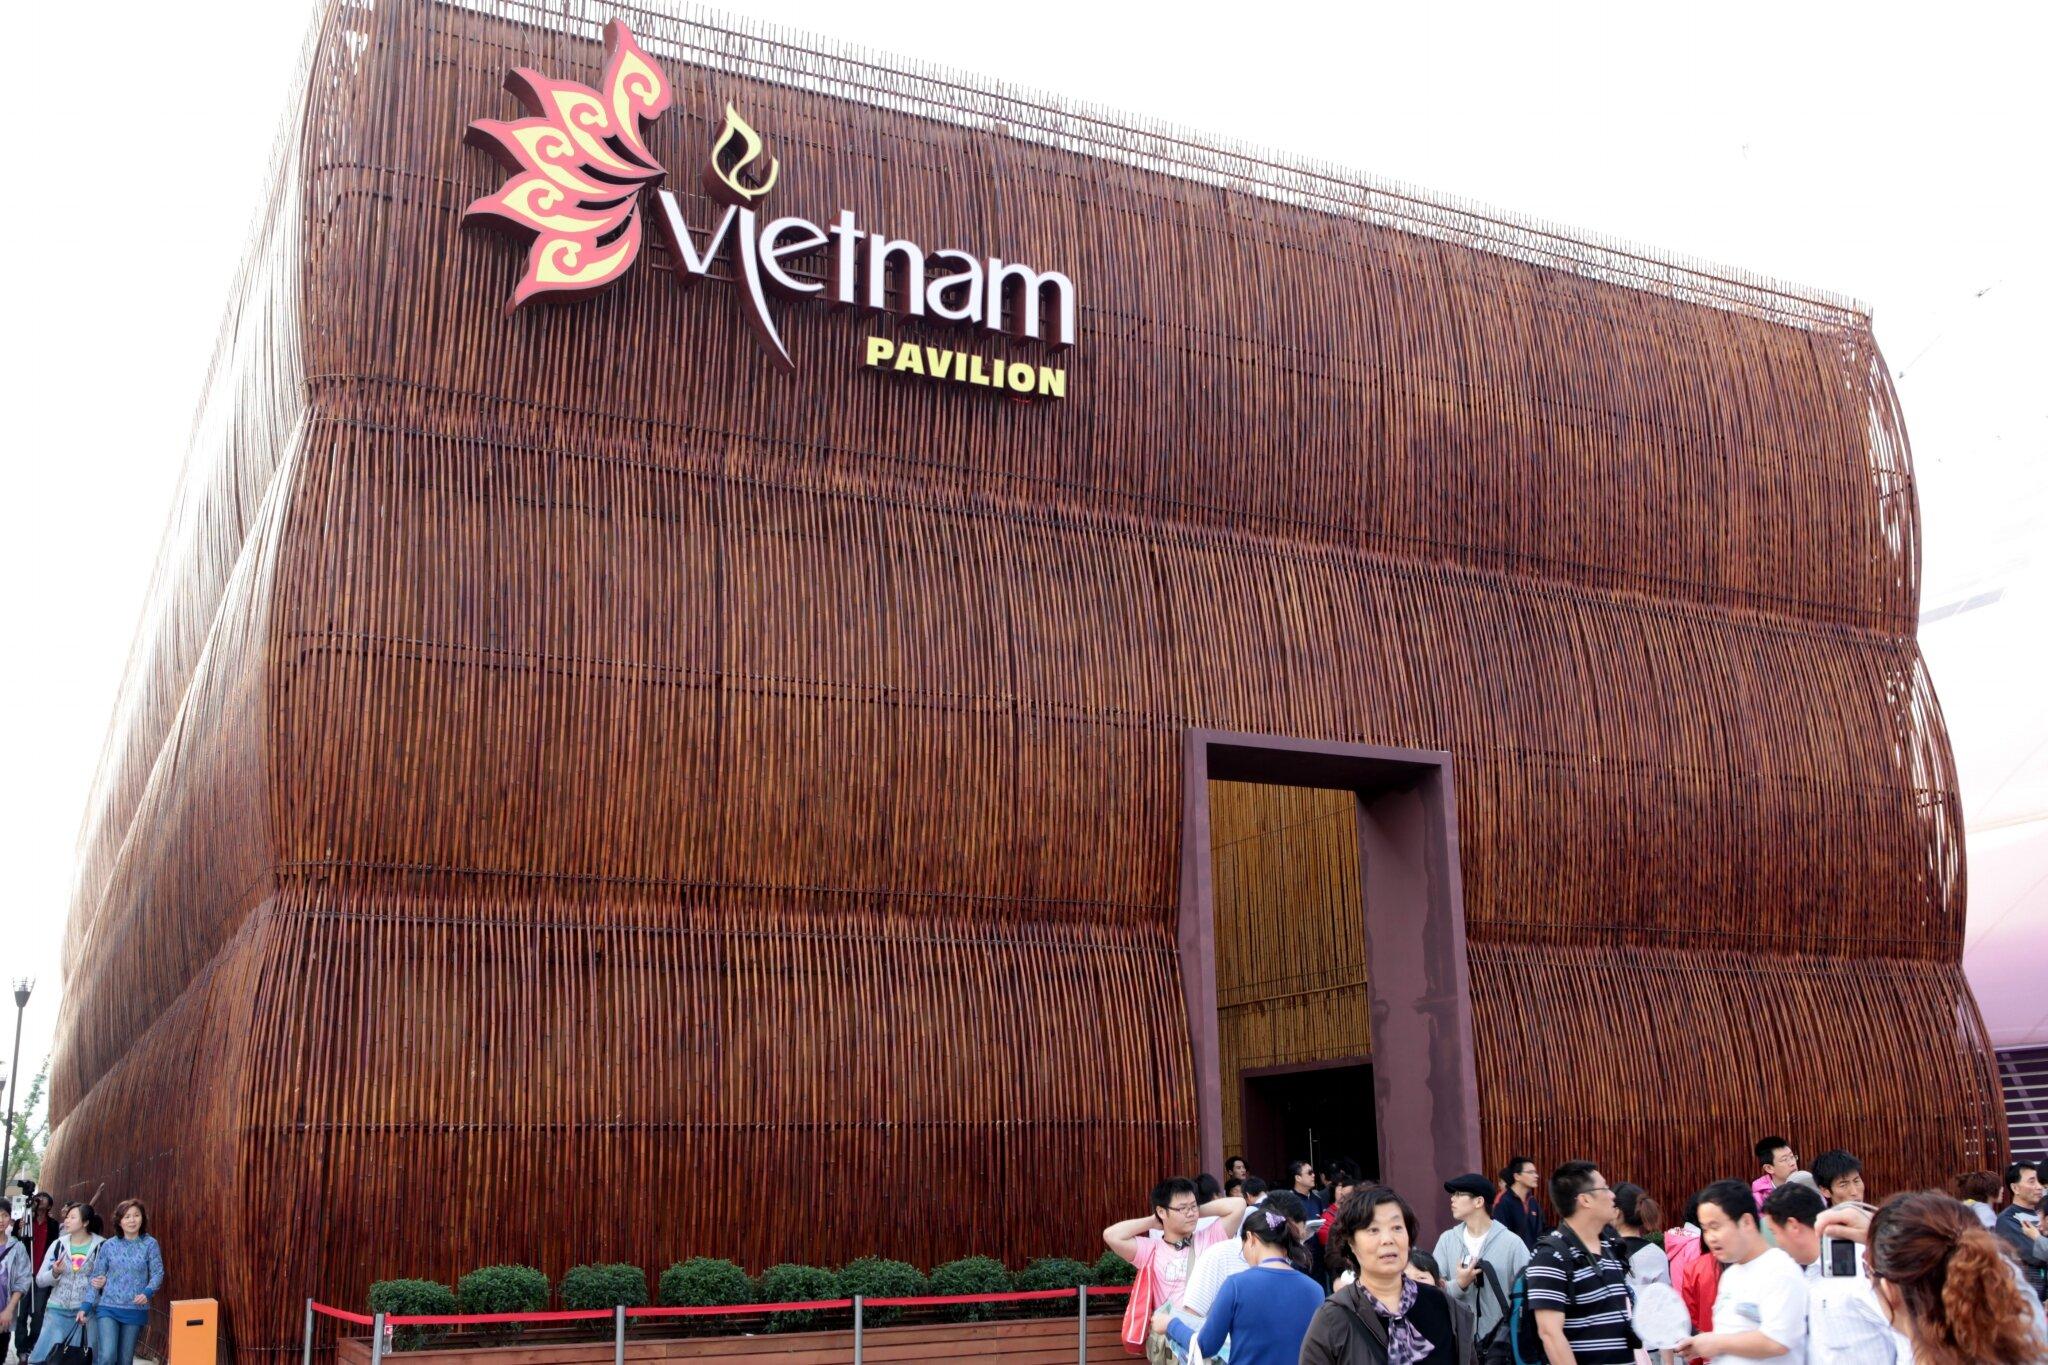 Pavillon du Vietnam